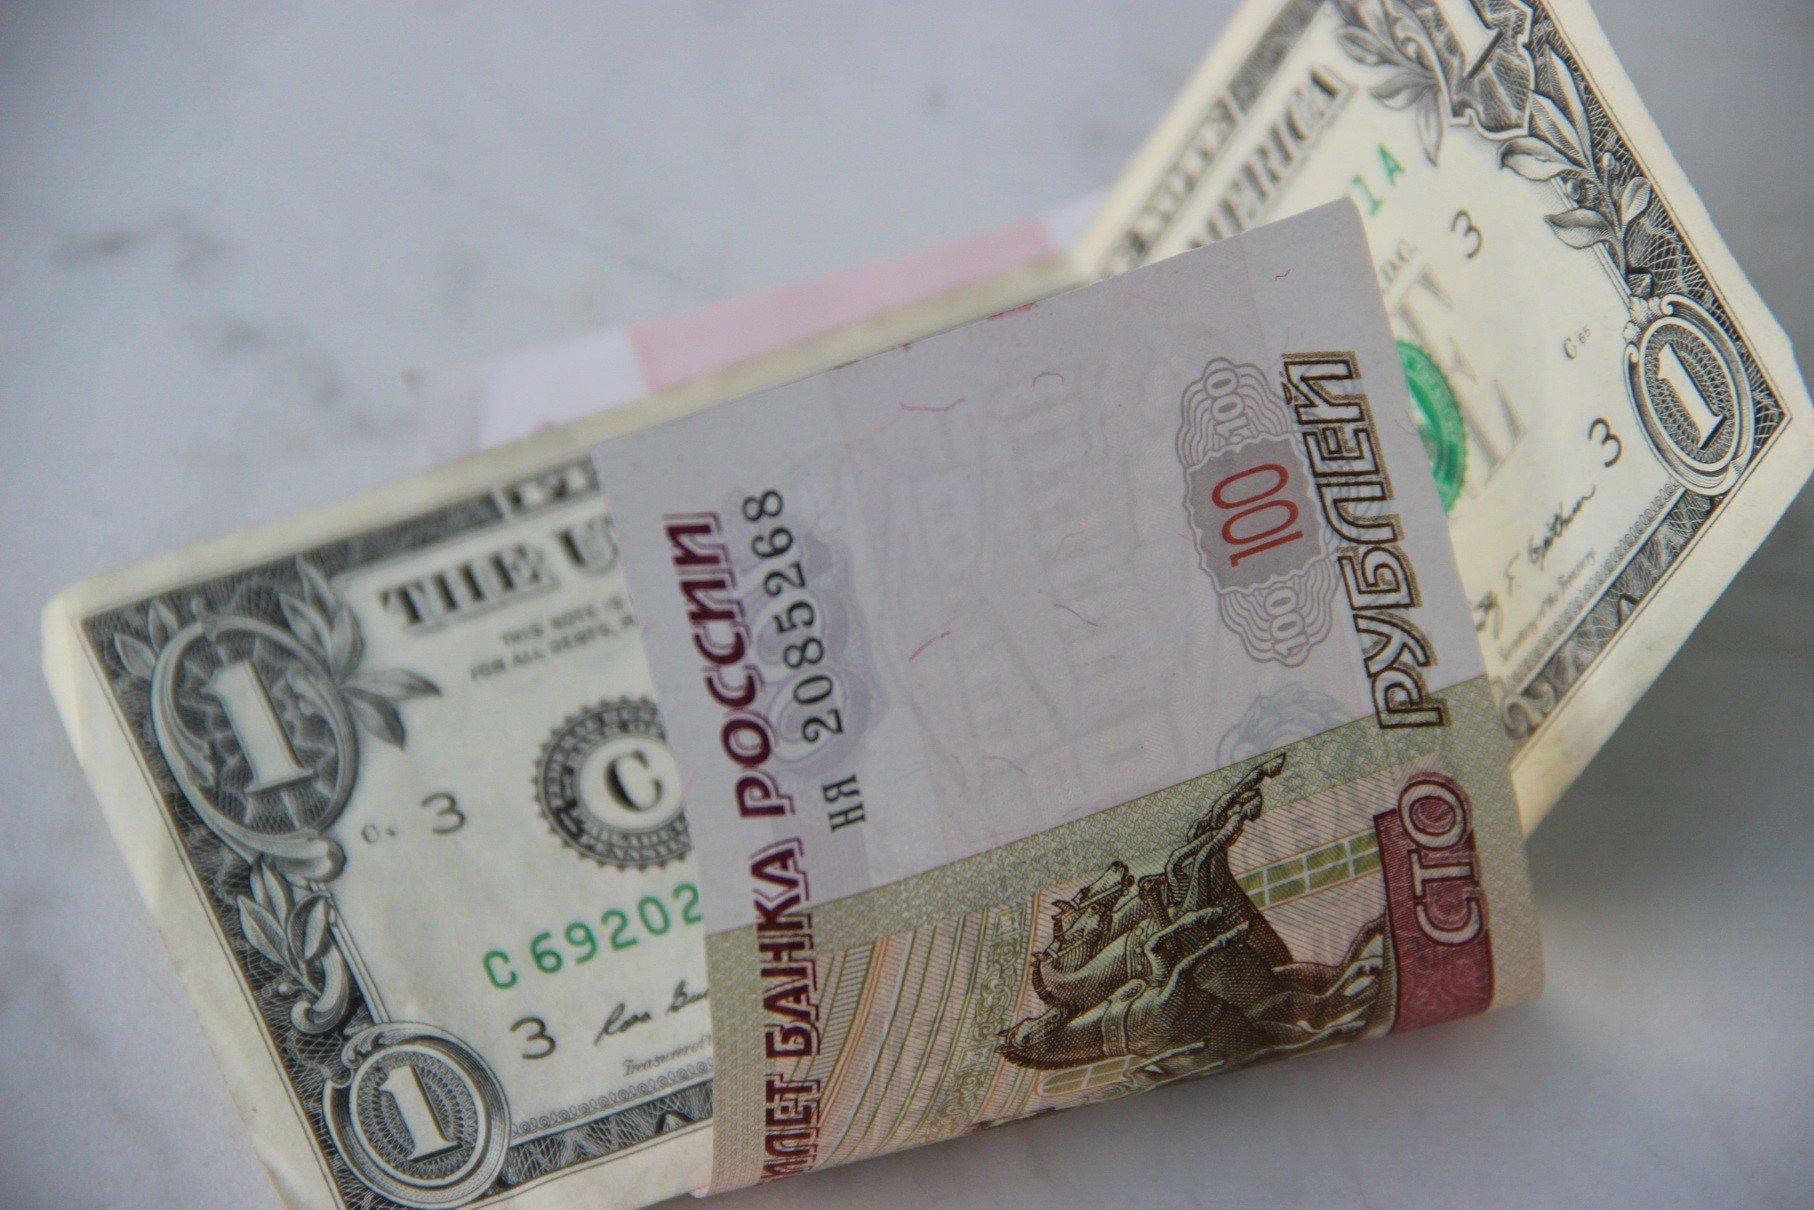 это курс тенге к рублю где обменять в спб такое белье необходимо